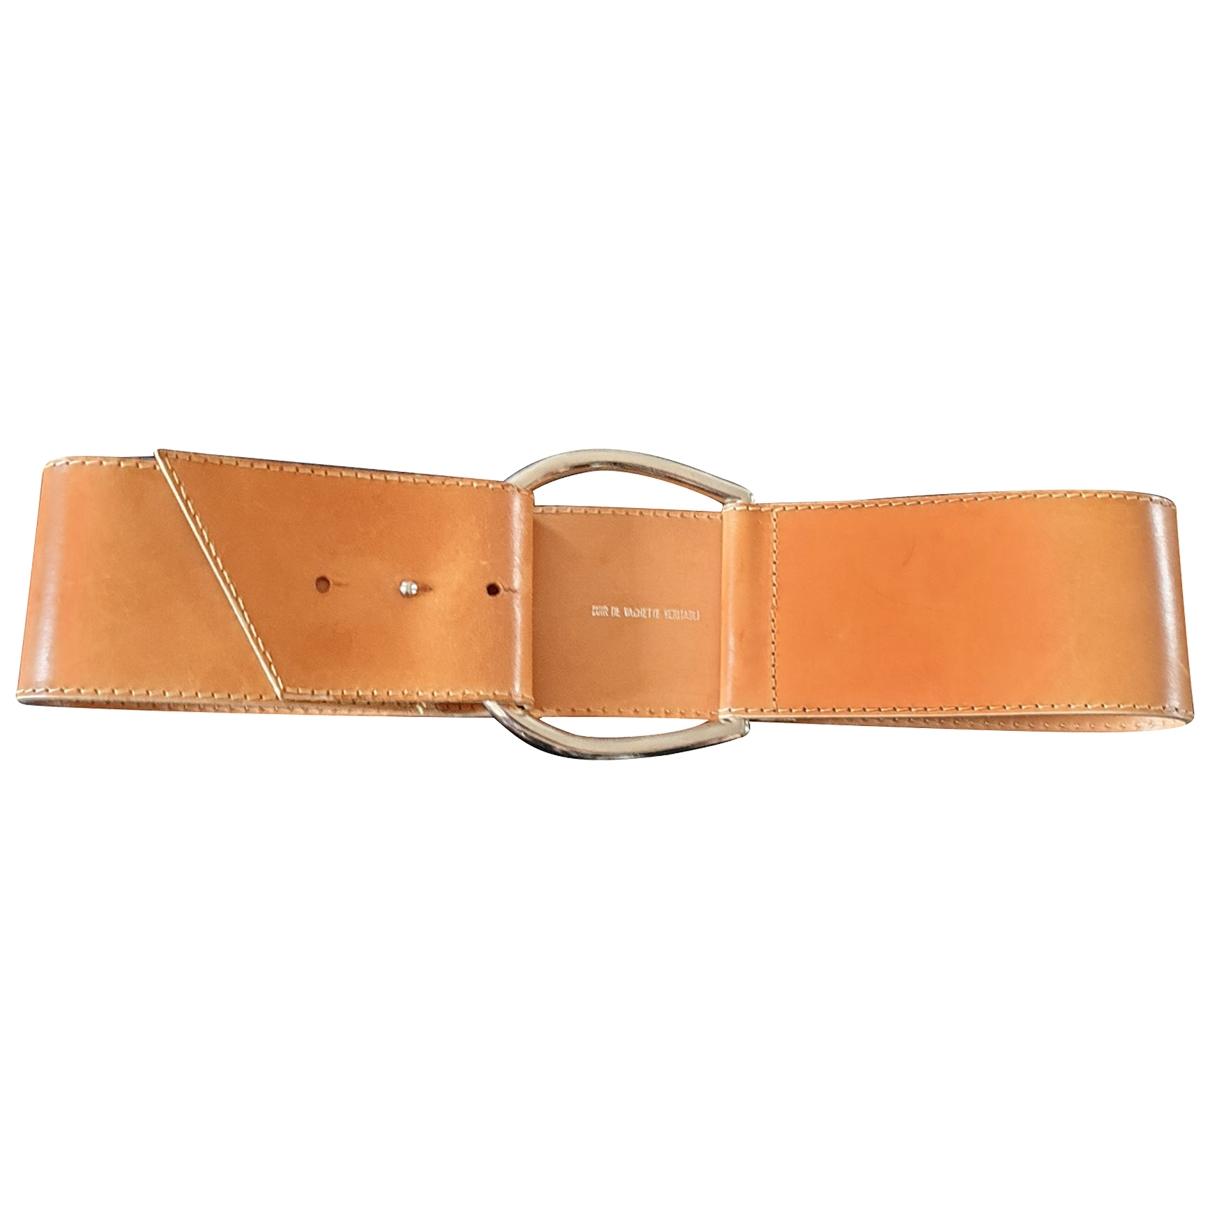 Cinturon de Cuero Paco Rabanne